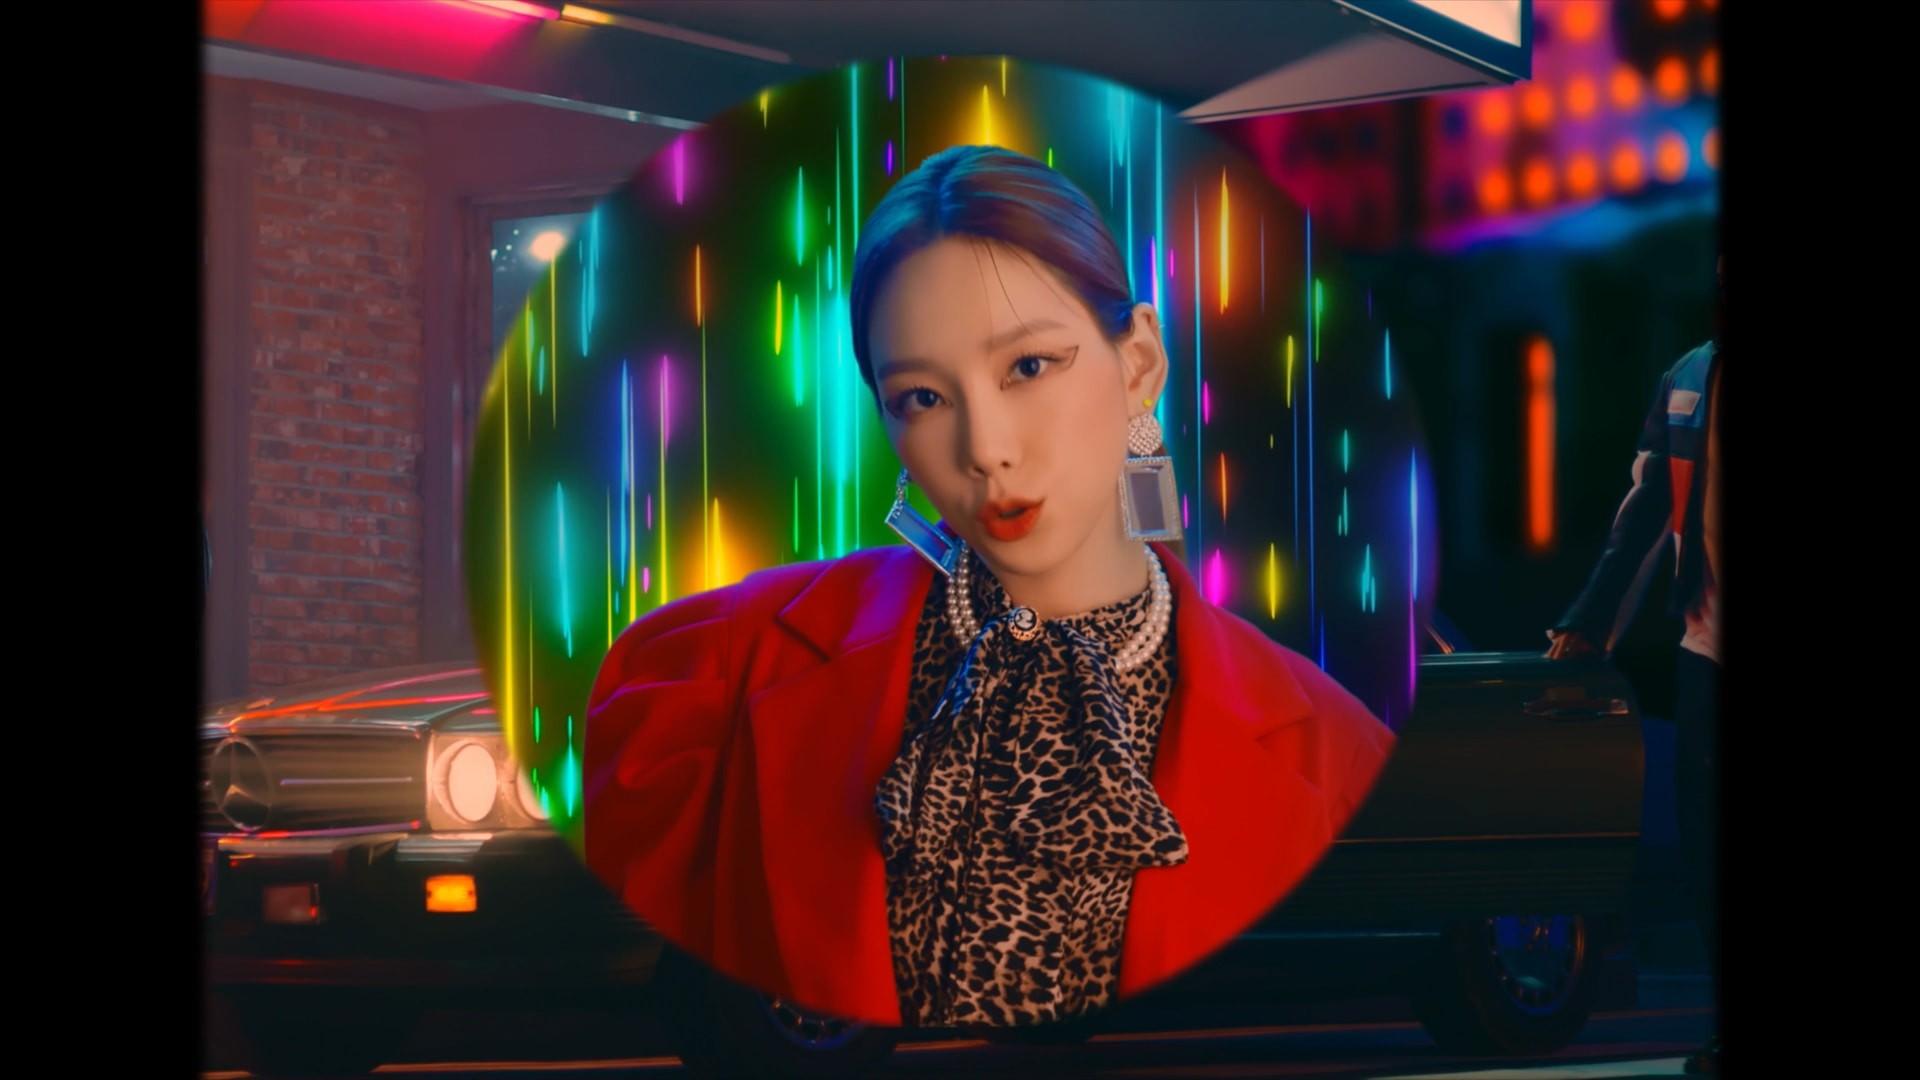 Taeyeon – #GirlsSpkOut ft. Chanmina [MP4 / Master 2160p / WEB] [2020.11.18]